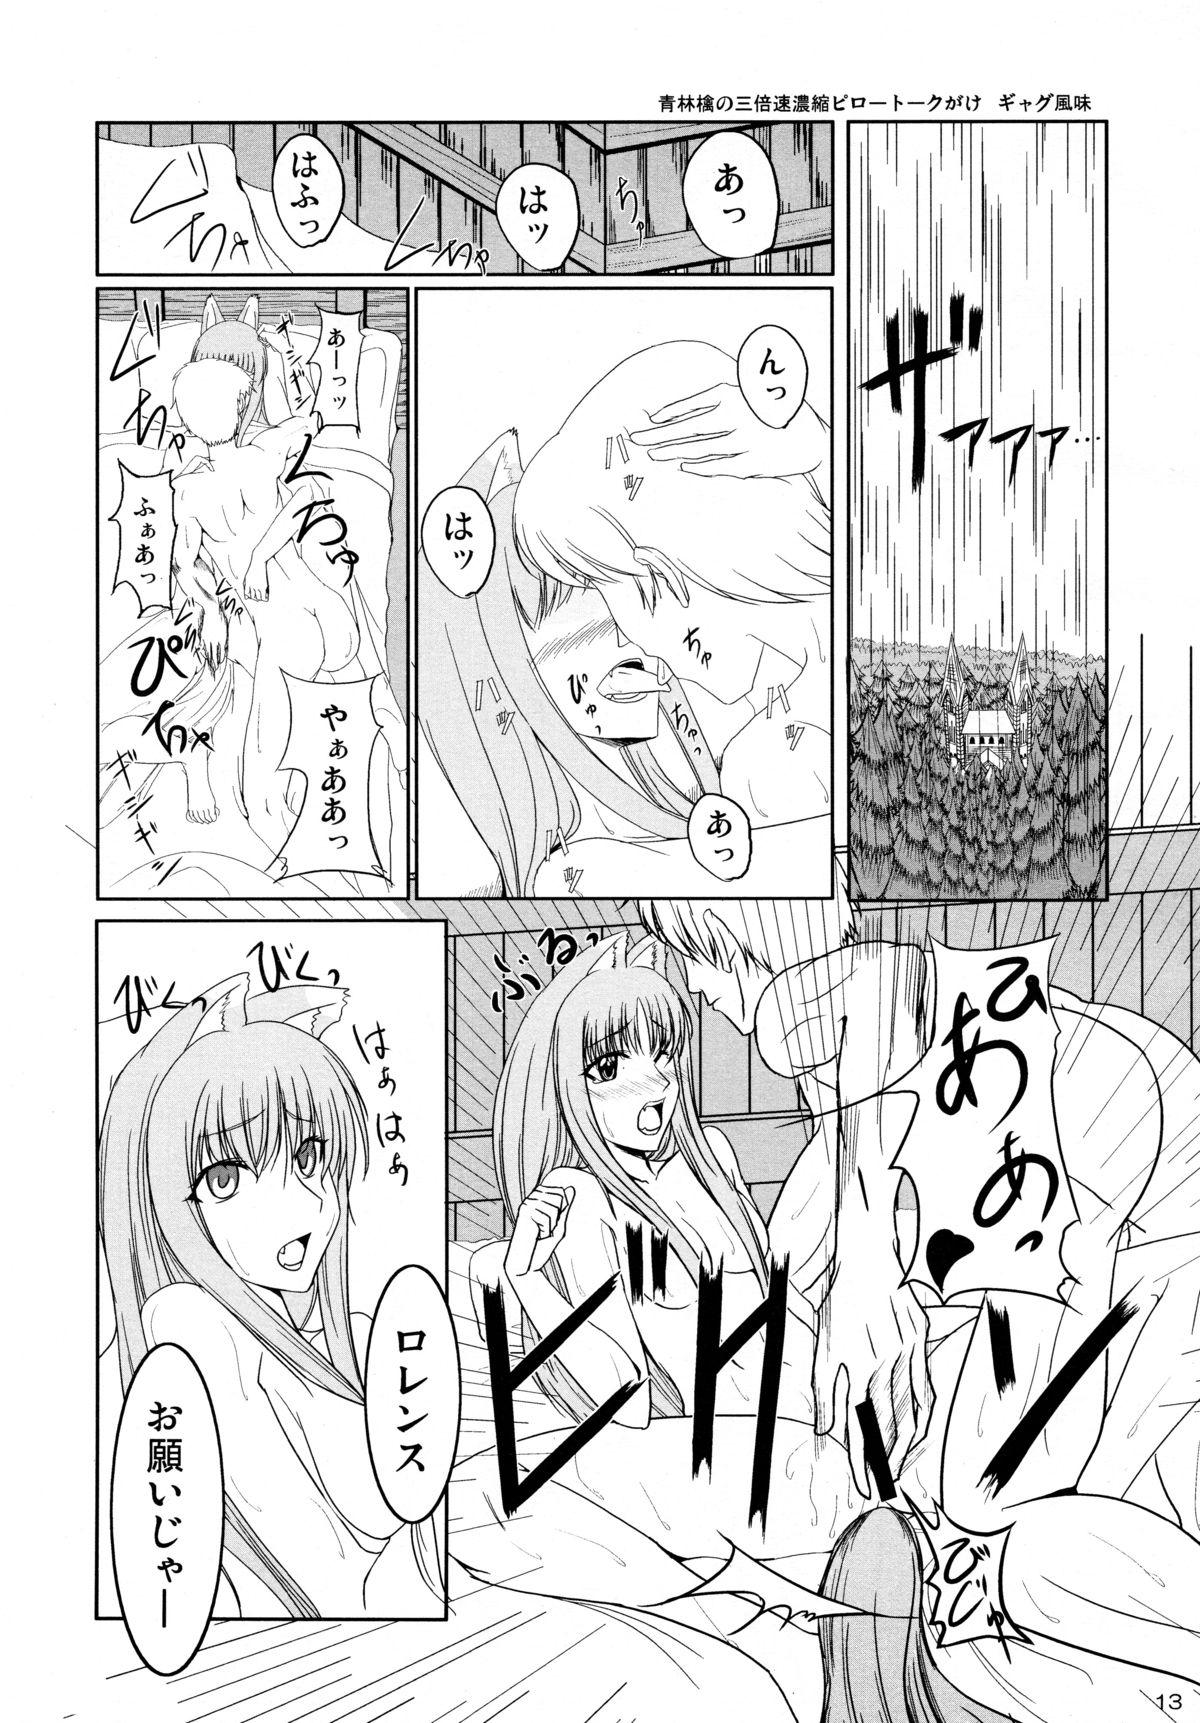 Ookami to Ringo no Hachimitsuzuke 12